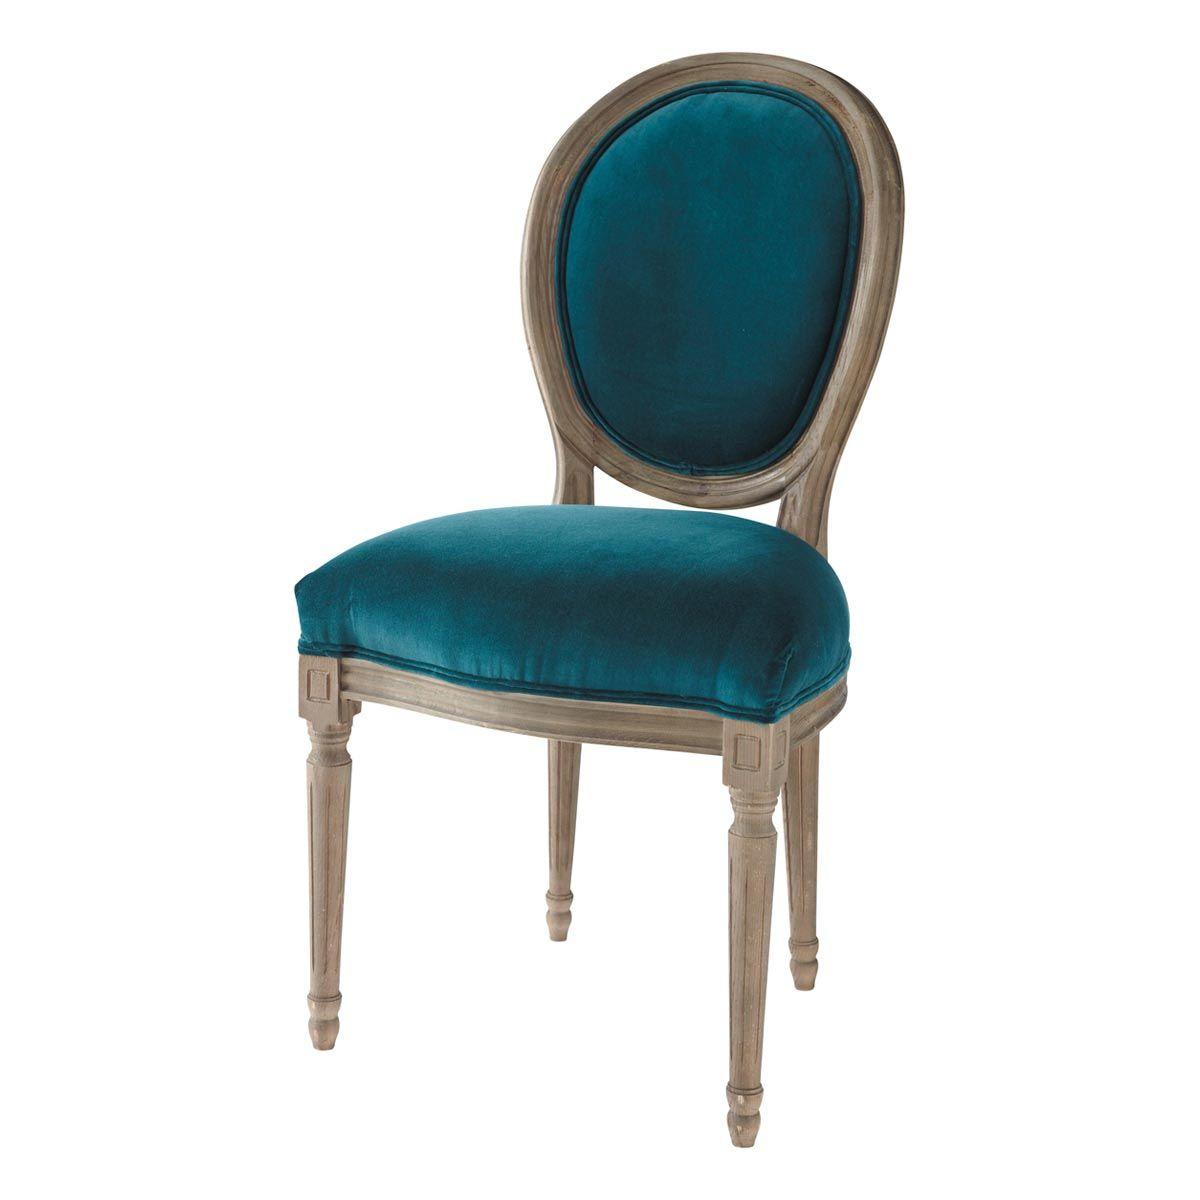 Stuhl Velours Entenblau Louis Maisons Du Monde Blaue Samtstuhle Franzosische Esszimmerstuhle Stuhle